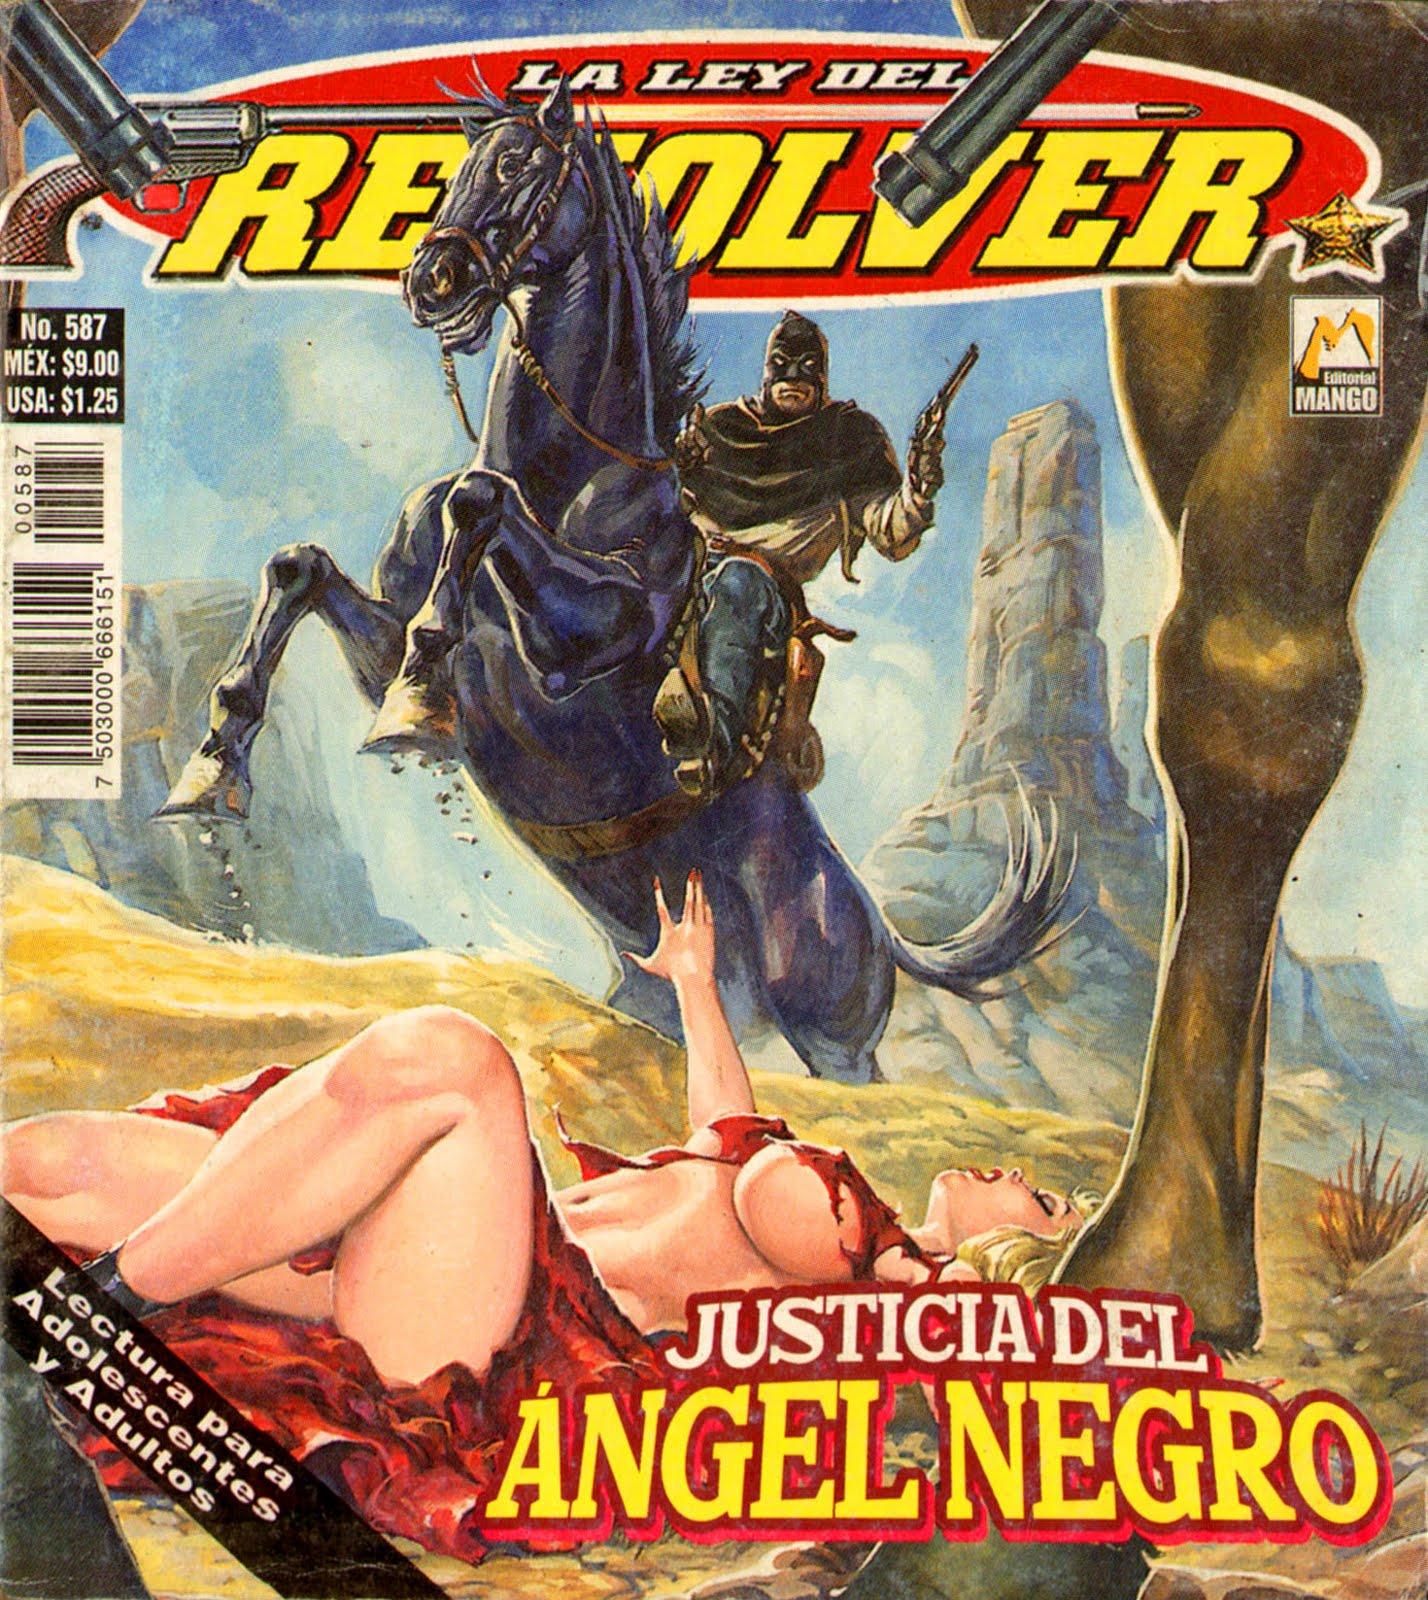 la_ley_del_revolver_no587